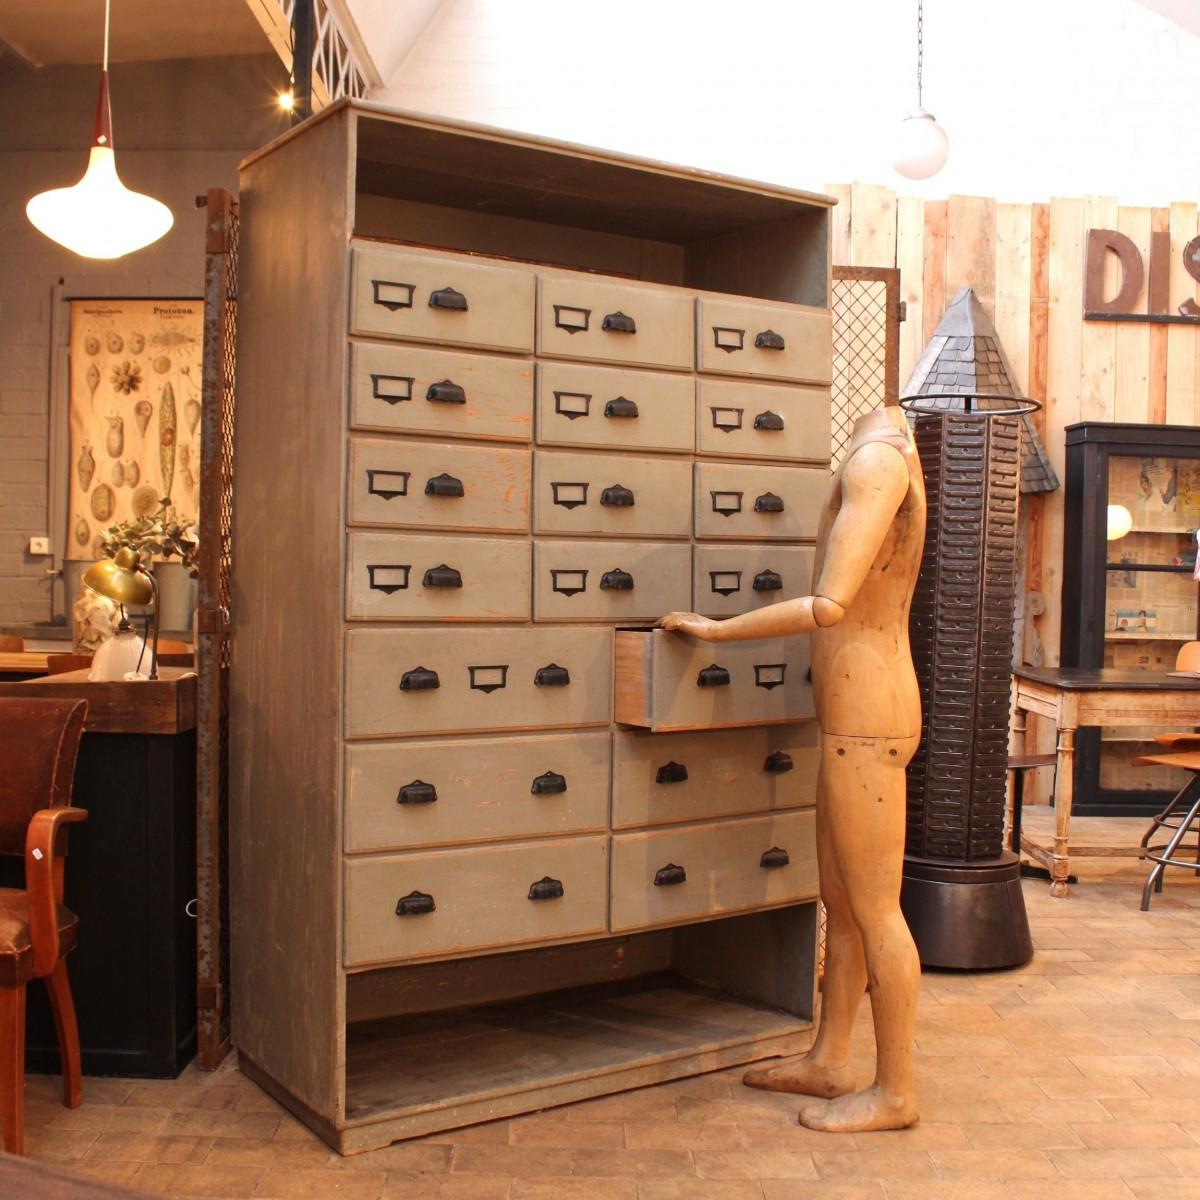 ancien meuble de quincaillerie en bois. Black Bedroom Furniture Sets. Home Design Ideas